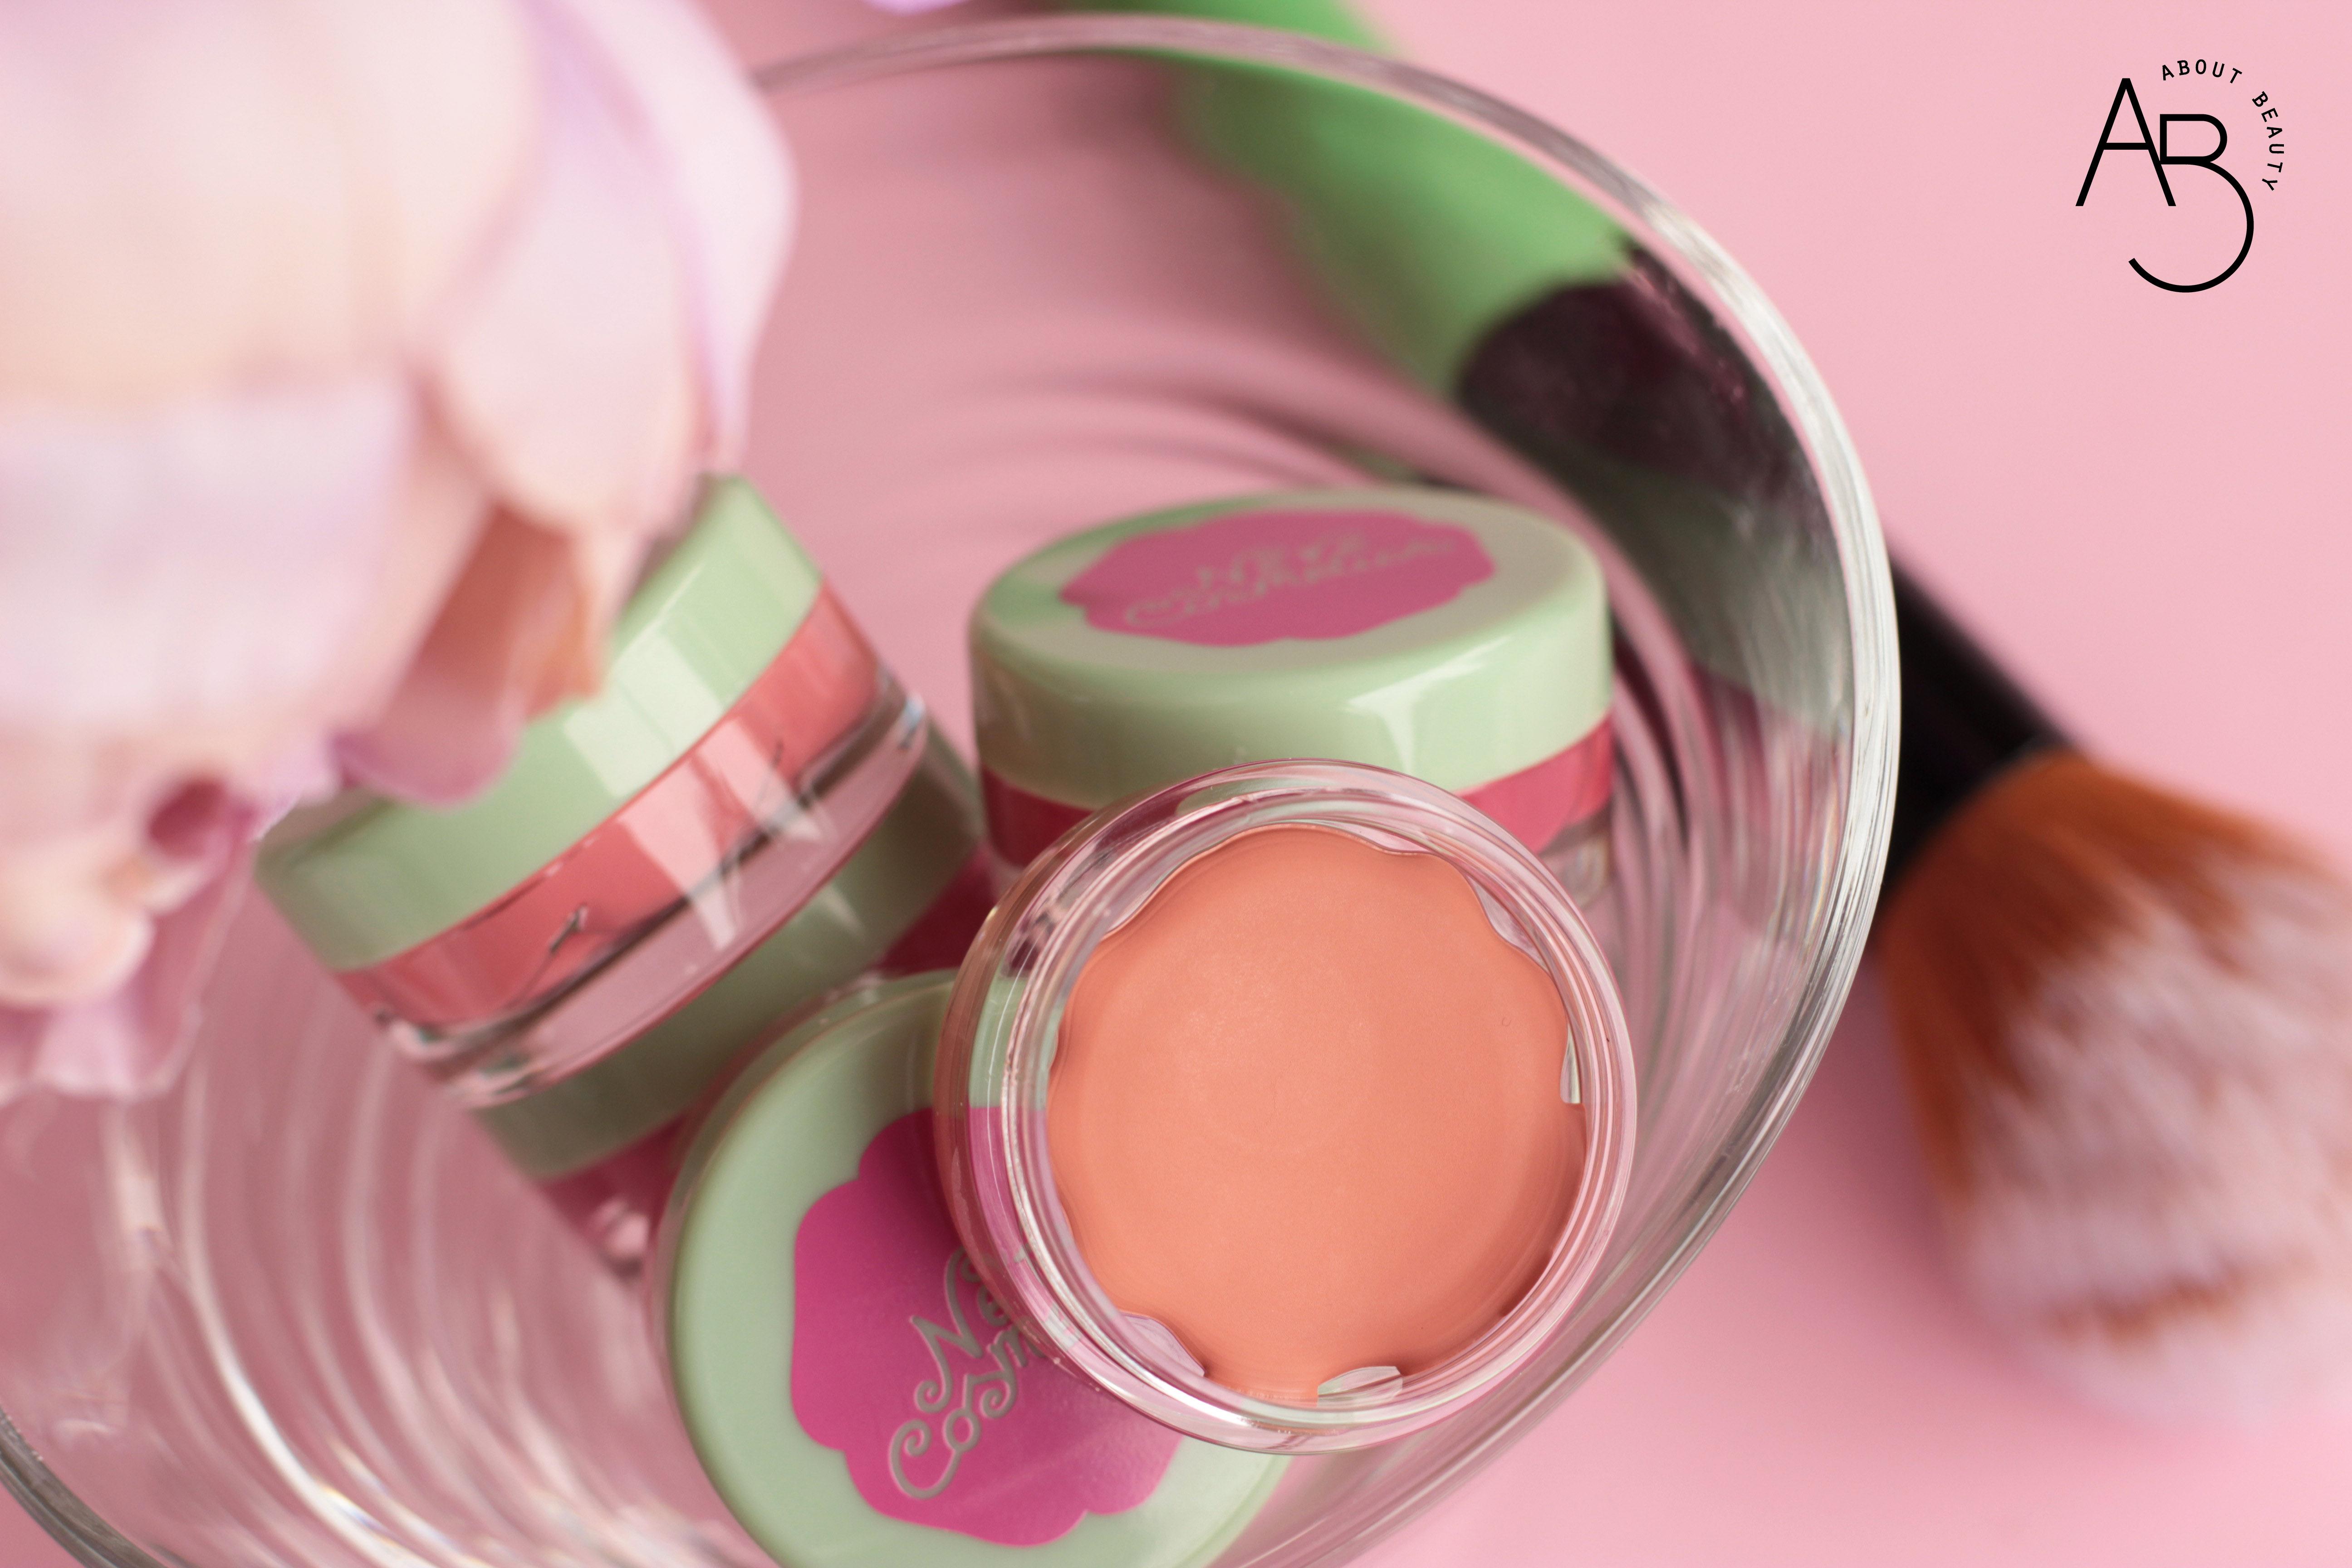 Blush Garden Neve Cosmetics: recensione, review, swatch, opinioni, sconto, dove acquistare, prezzo - Wednesday Rose